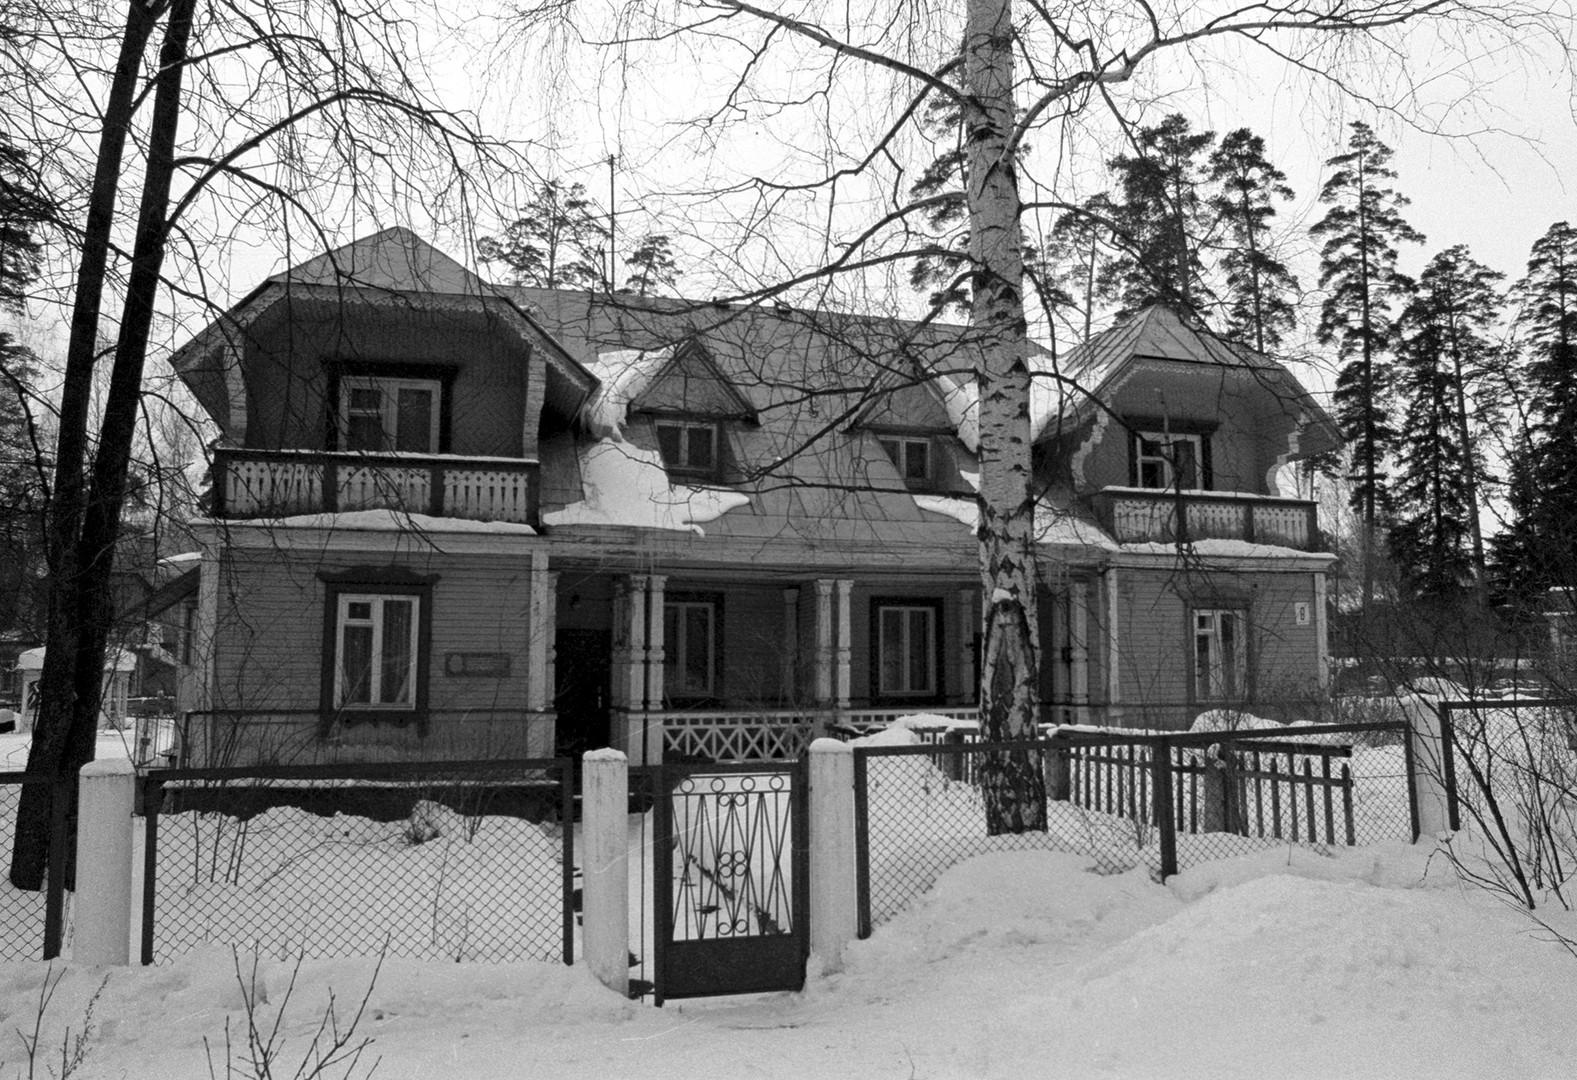 Casa de Andrêi Sakharov onde o acadêmico viveu enquanto desenvolvia a primeira bomba nuclear soviética